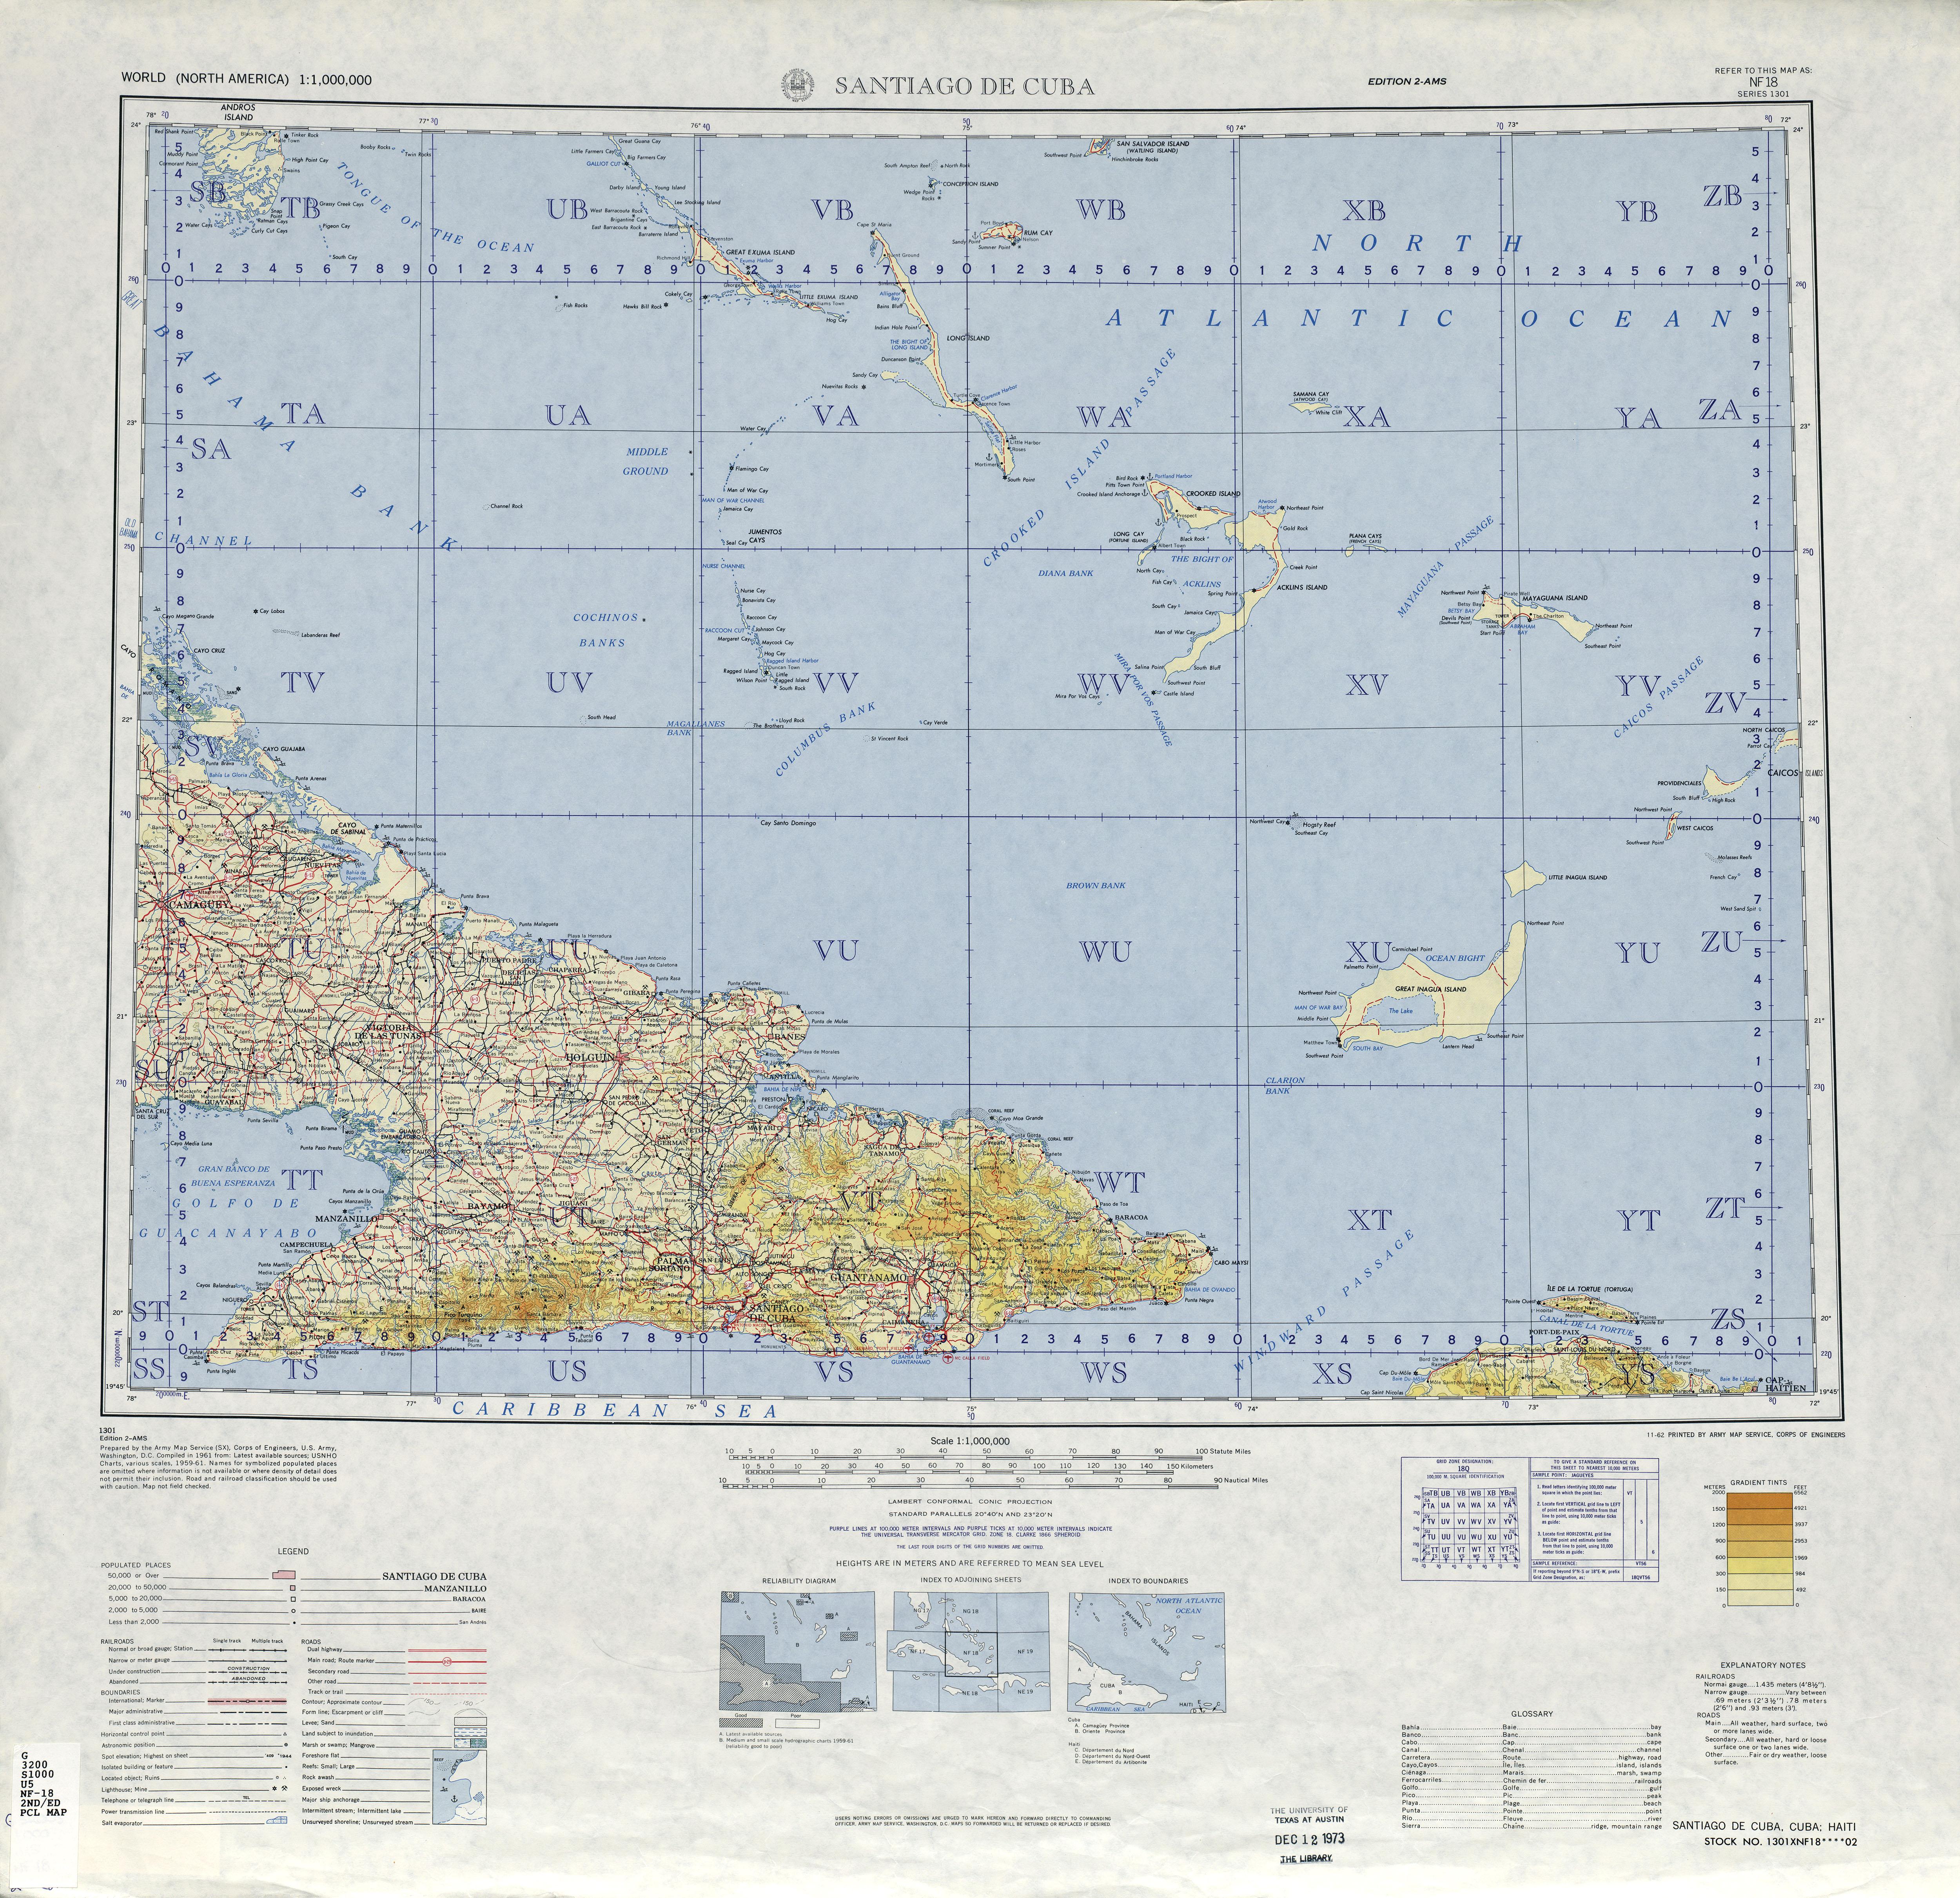 Ne 18 Kingston Port Au Prince Jamaica Navassa Island U S Haiti Cuba Series 1301 Edition 3 Tpc